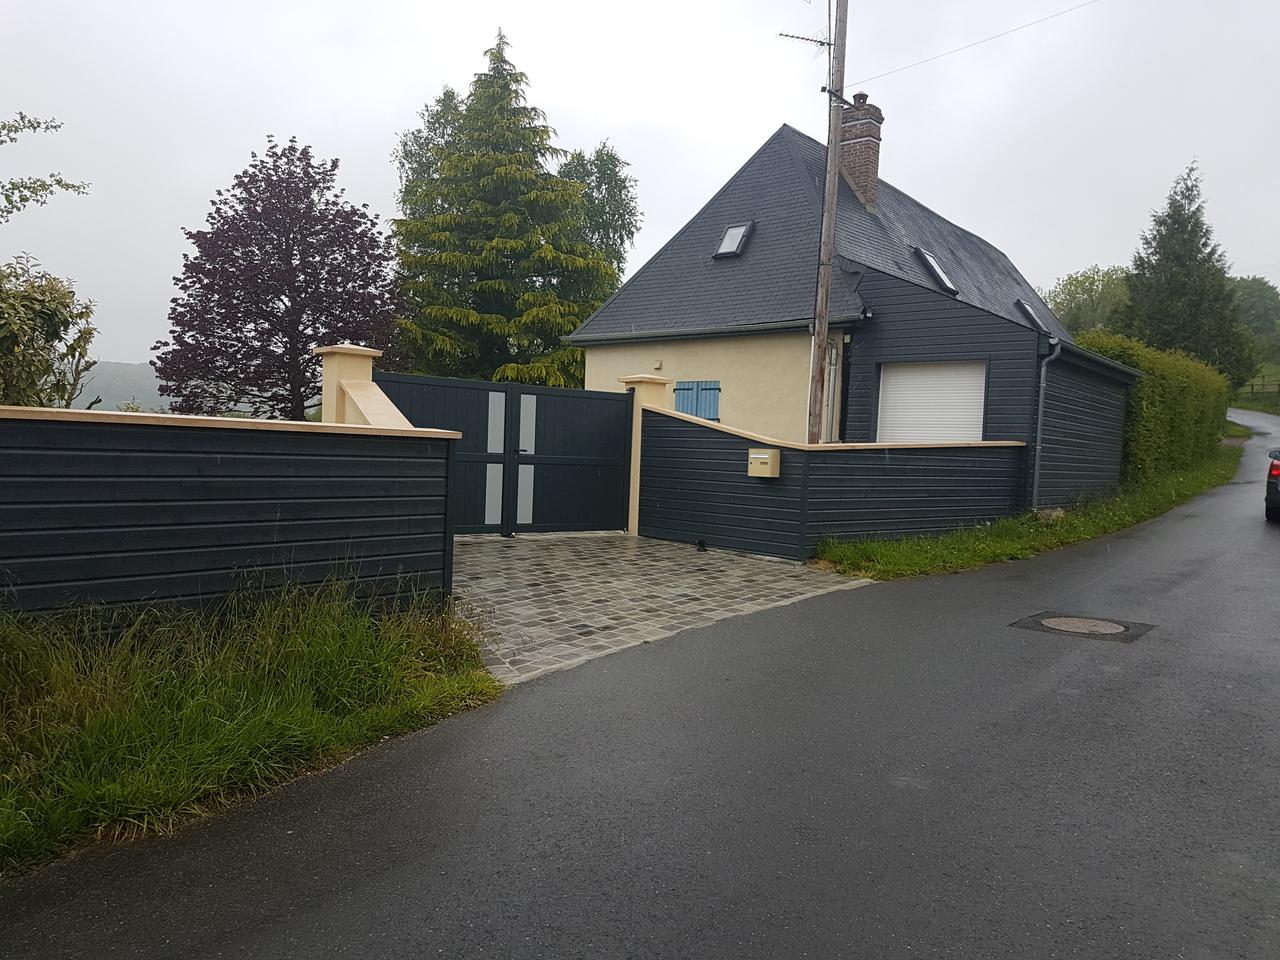 Rénovation extérieur complète à Vimoutiers (61)